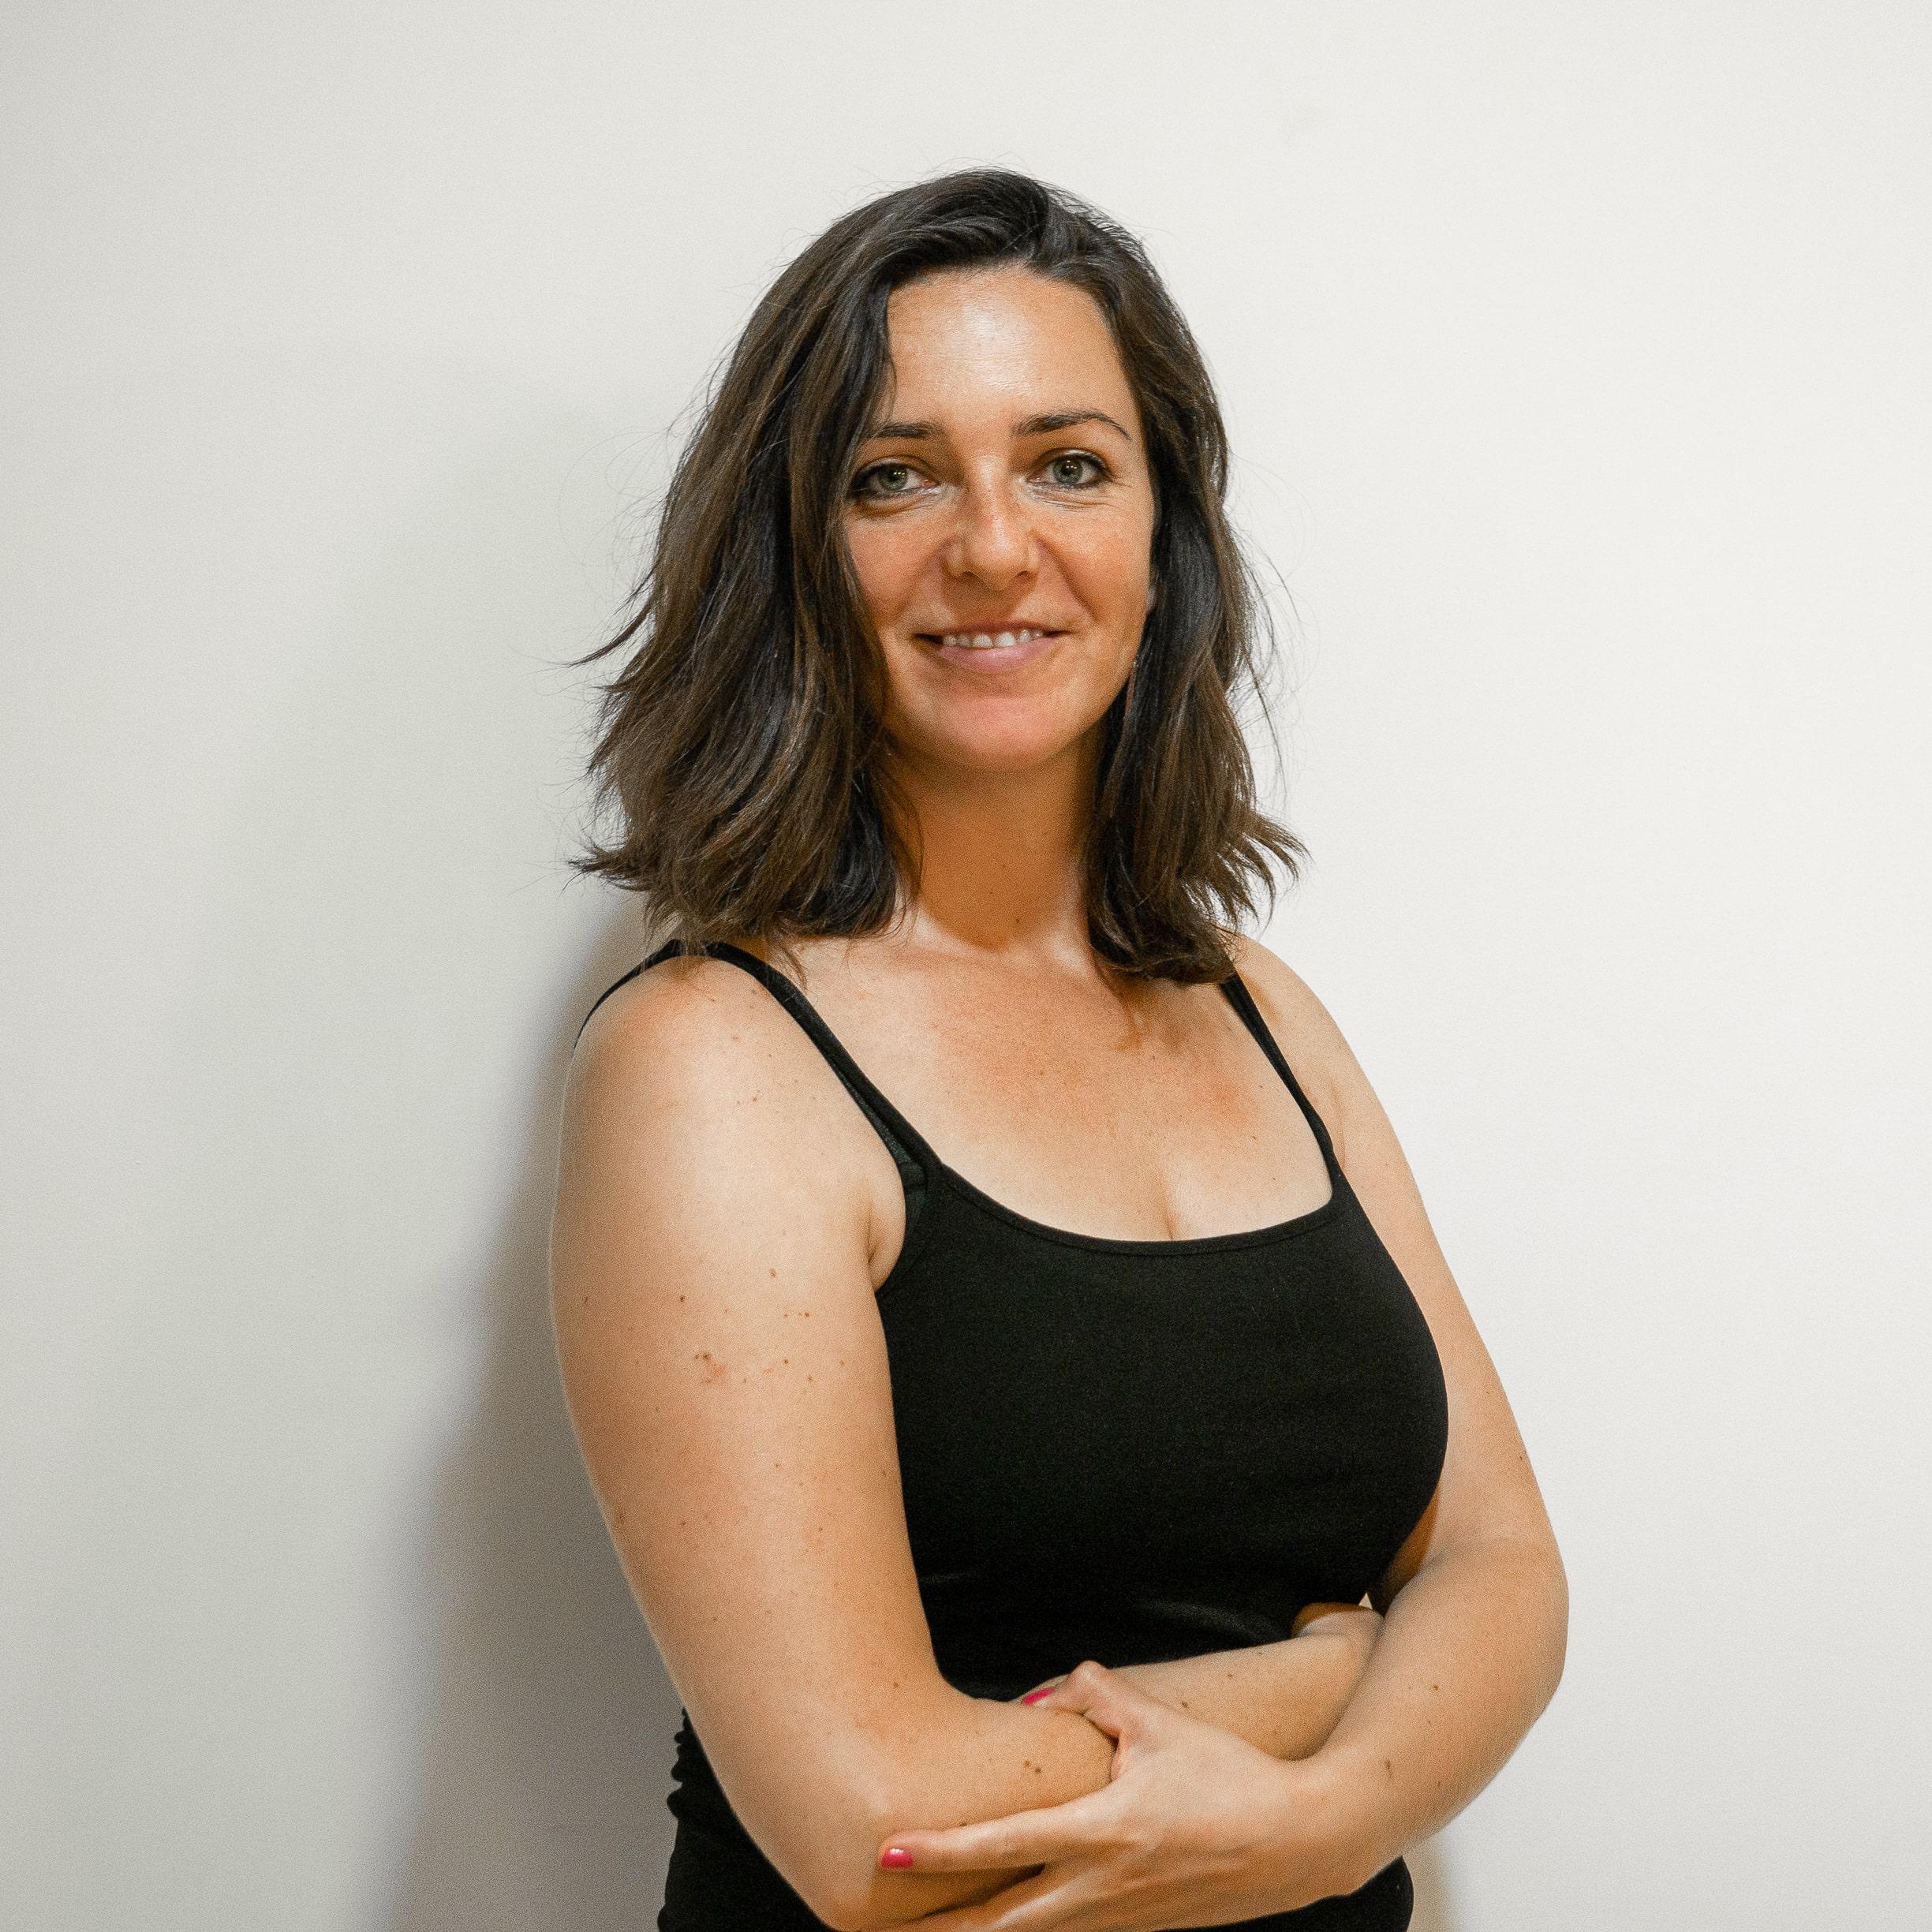 Lara María Fuentes Martinez